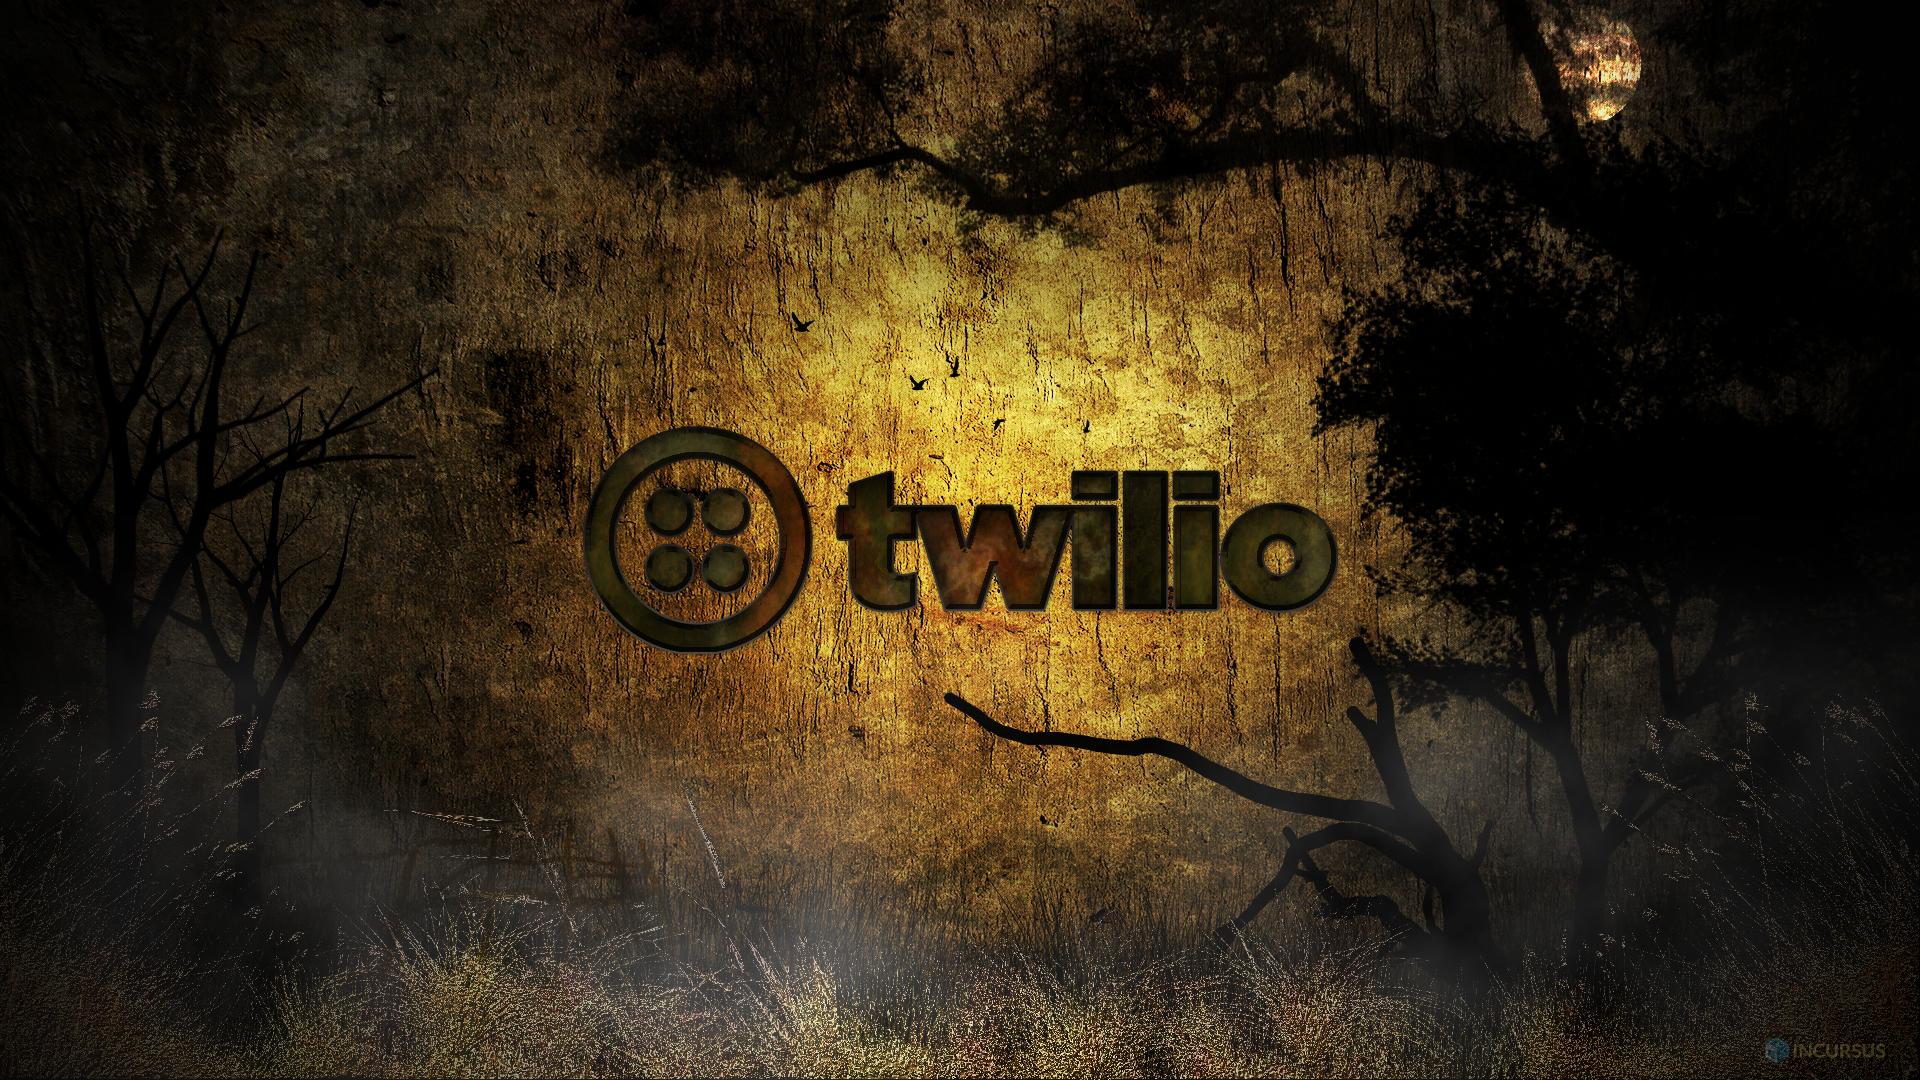 Twilio Wallpaper (1920x1080) | Incursus